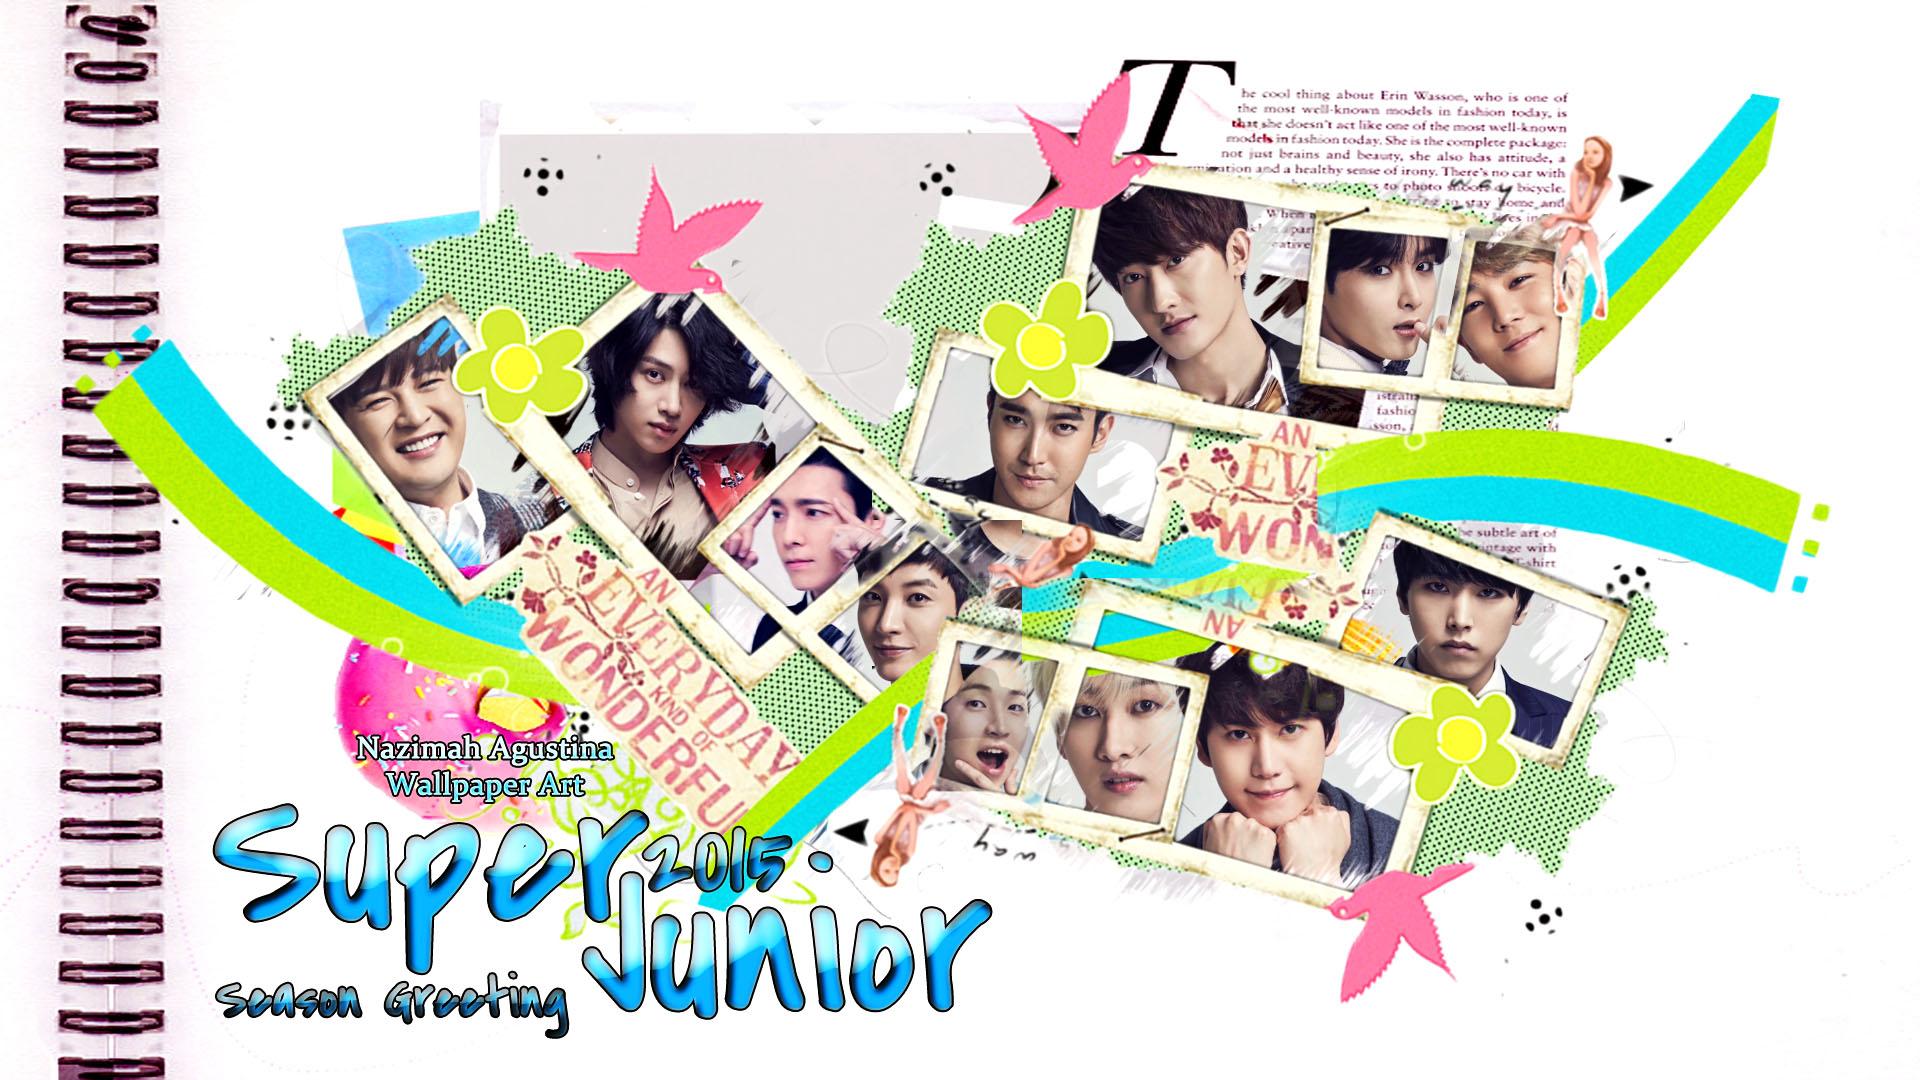 1920x1080px super junior wallpaper 2015 wallpapersafari stock photo pack super junior for 2015 season greeting wallpaper 1920x1080 m4hsunfo